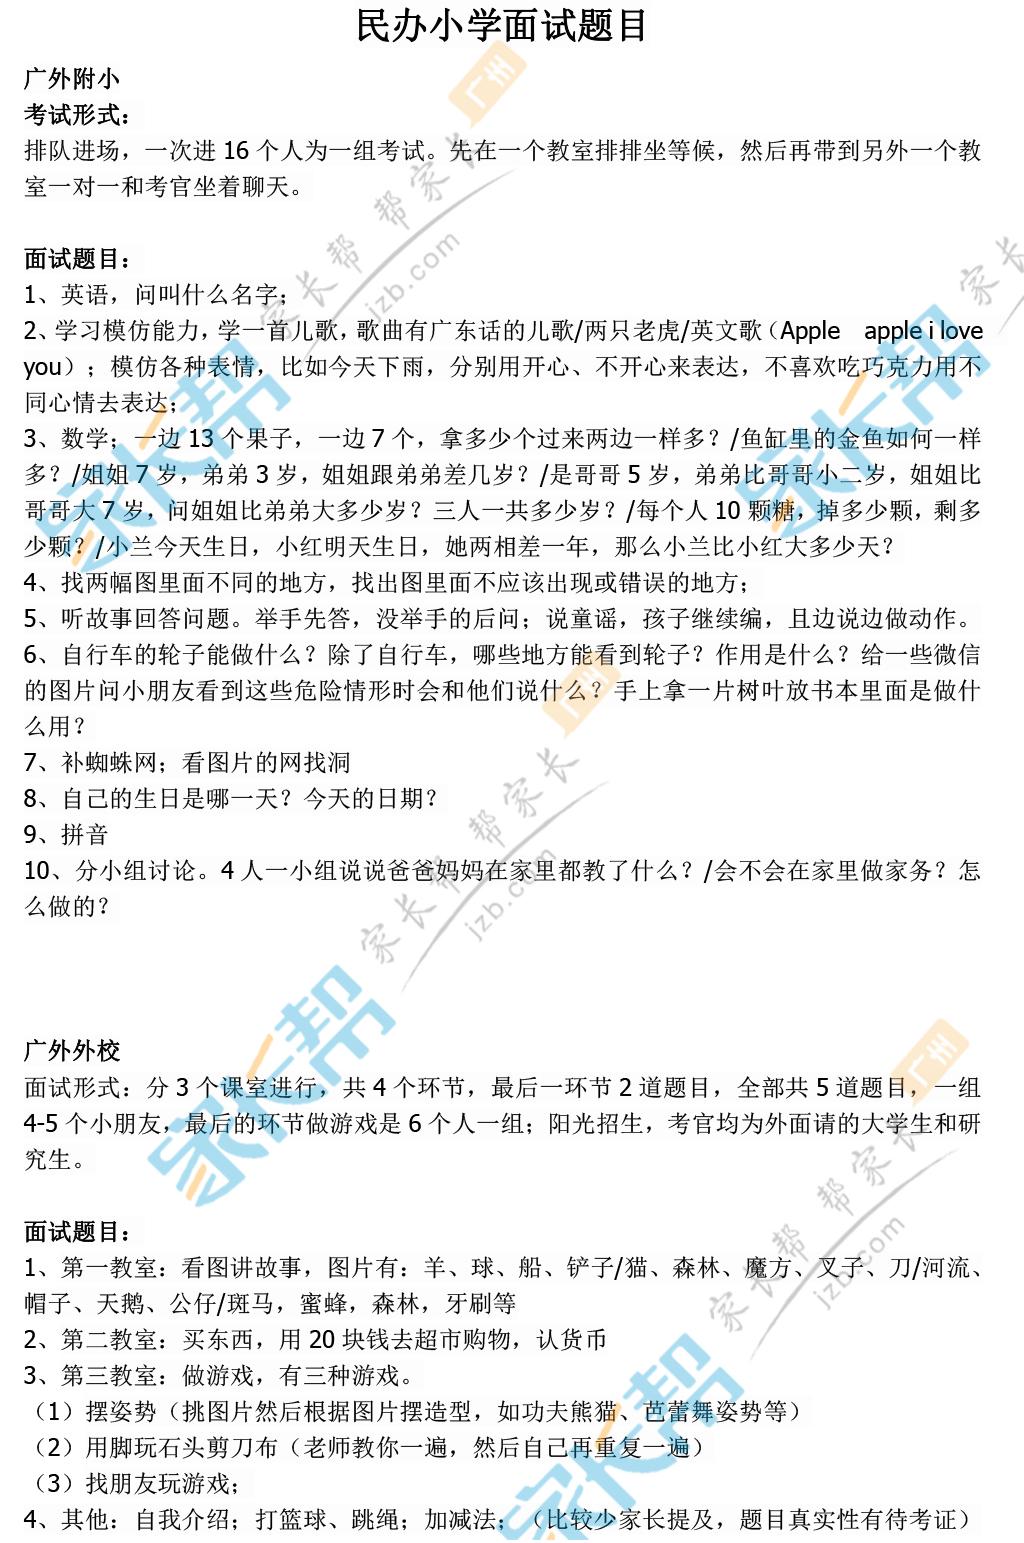 2017民办小学面试题目-111.jpg